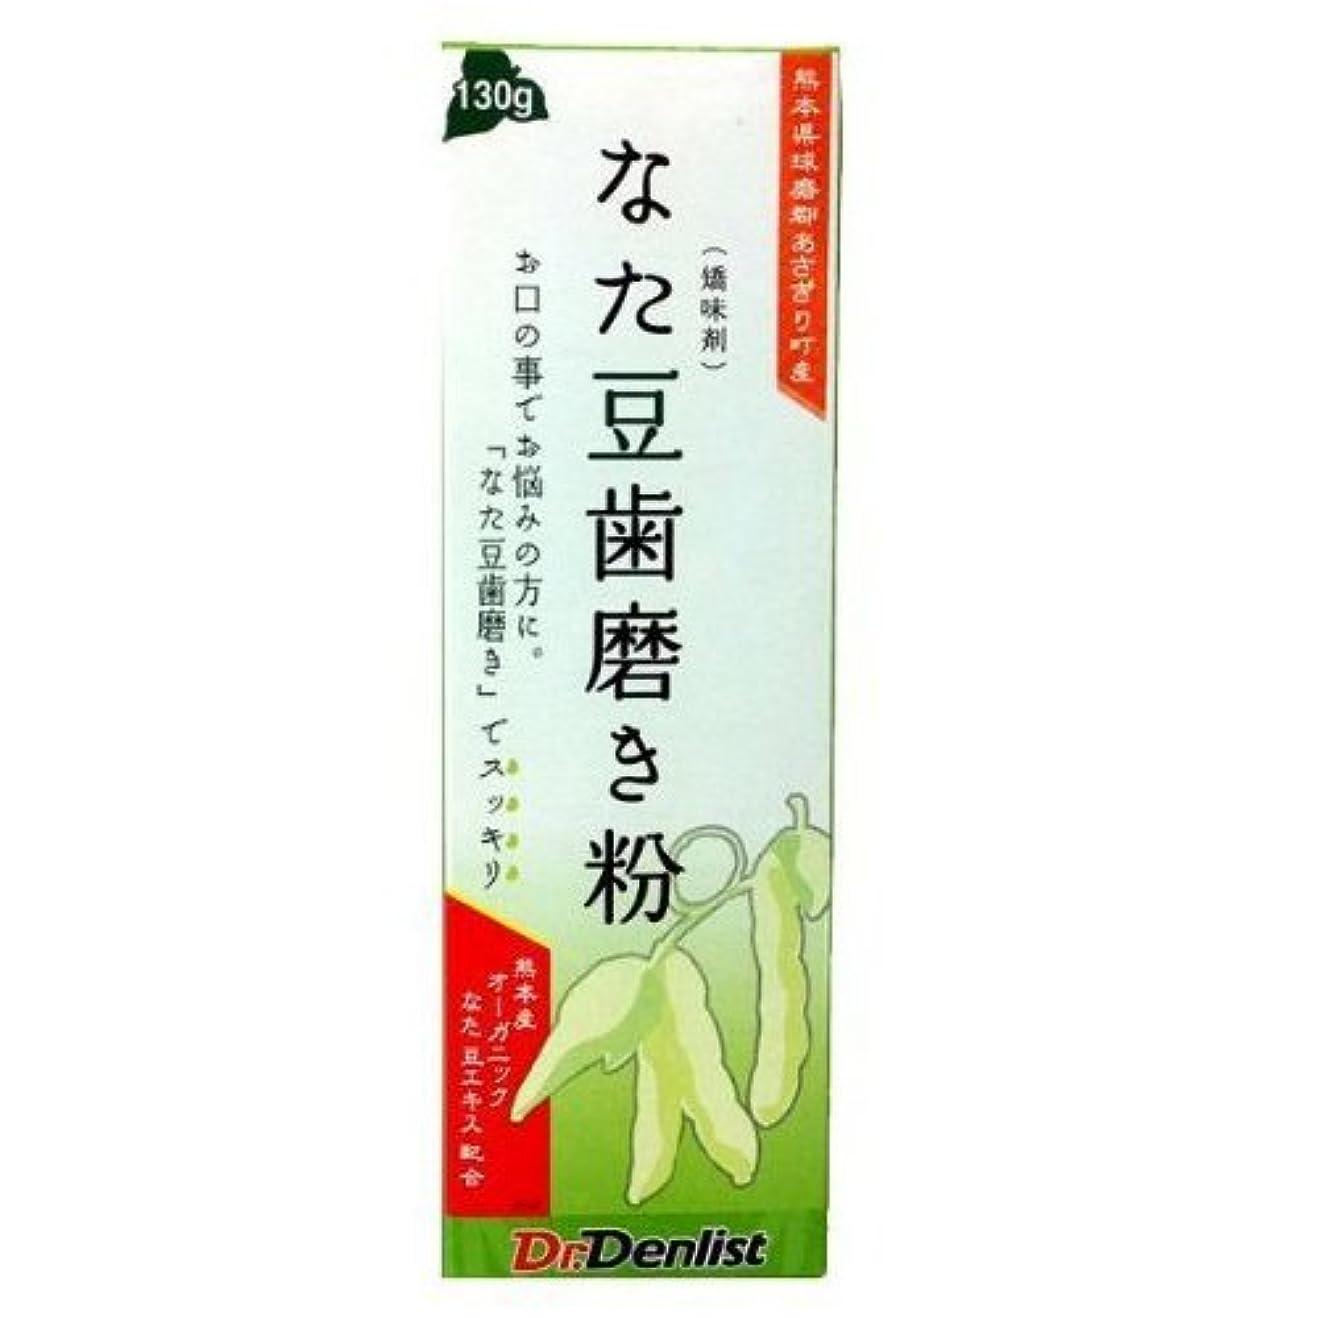 無視付けるかなりのなた豆歯磨き粉 国産 130g 熊本県球磨郡あさぎり町産